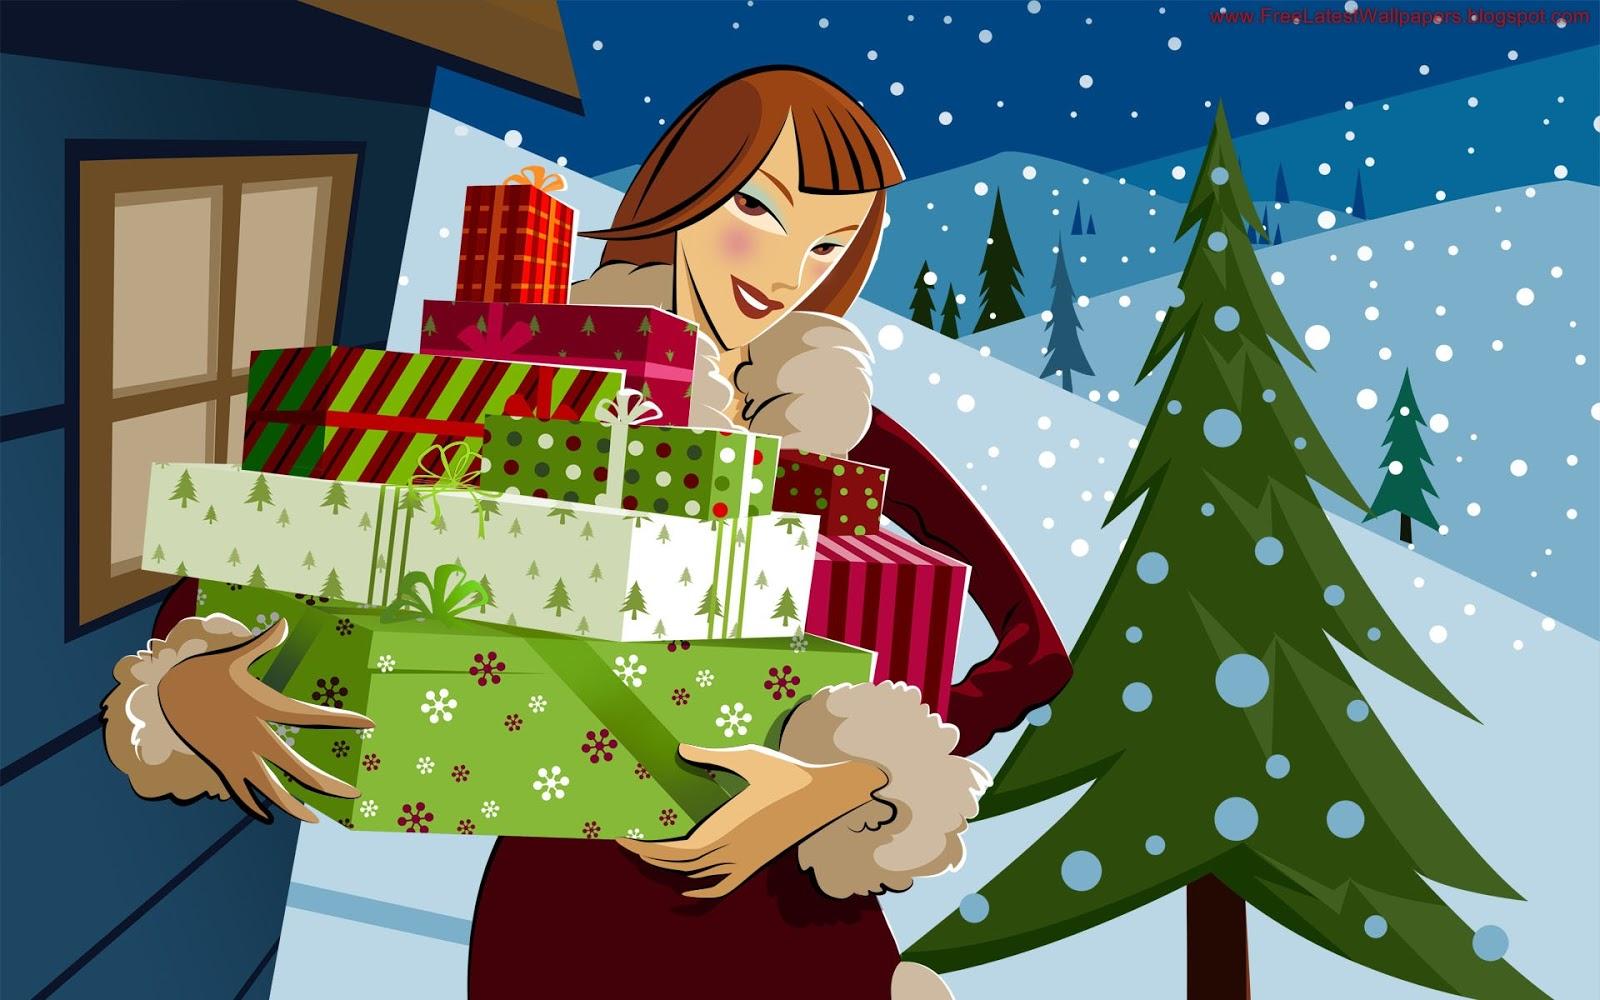 Feliz navidad vol 6 23 fotos imagenes y carteles - Cosas para navidad ...